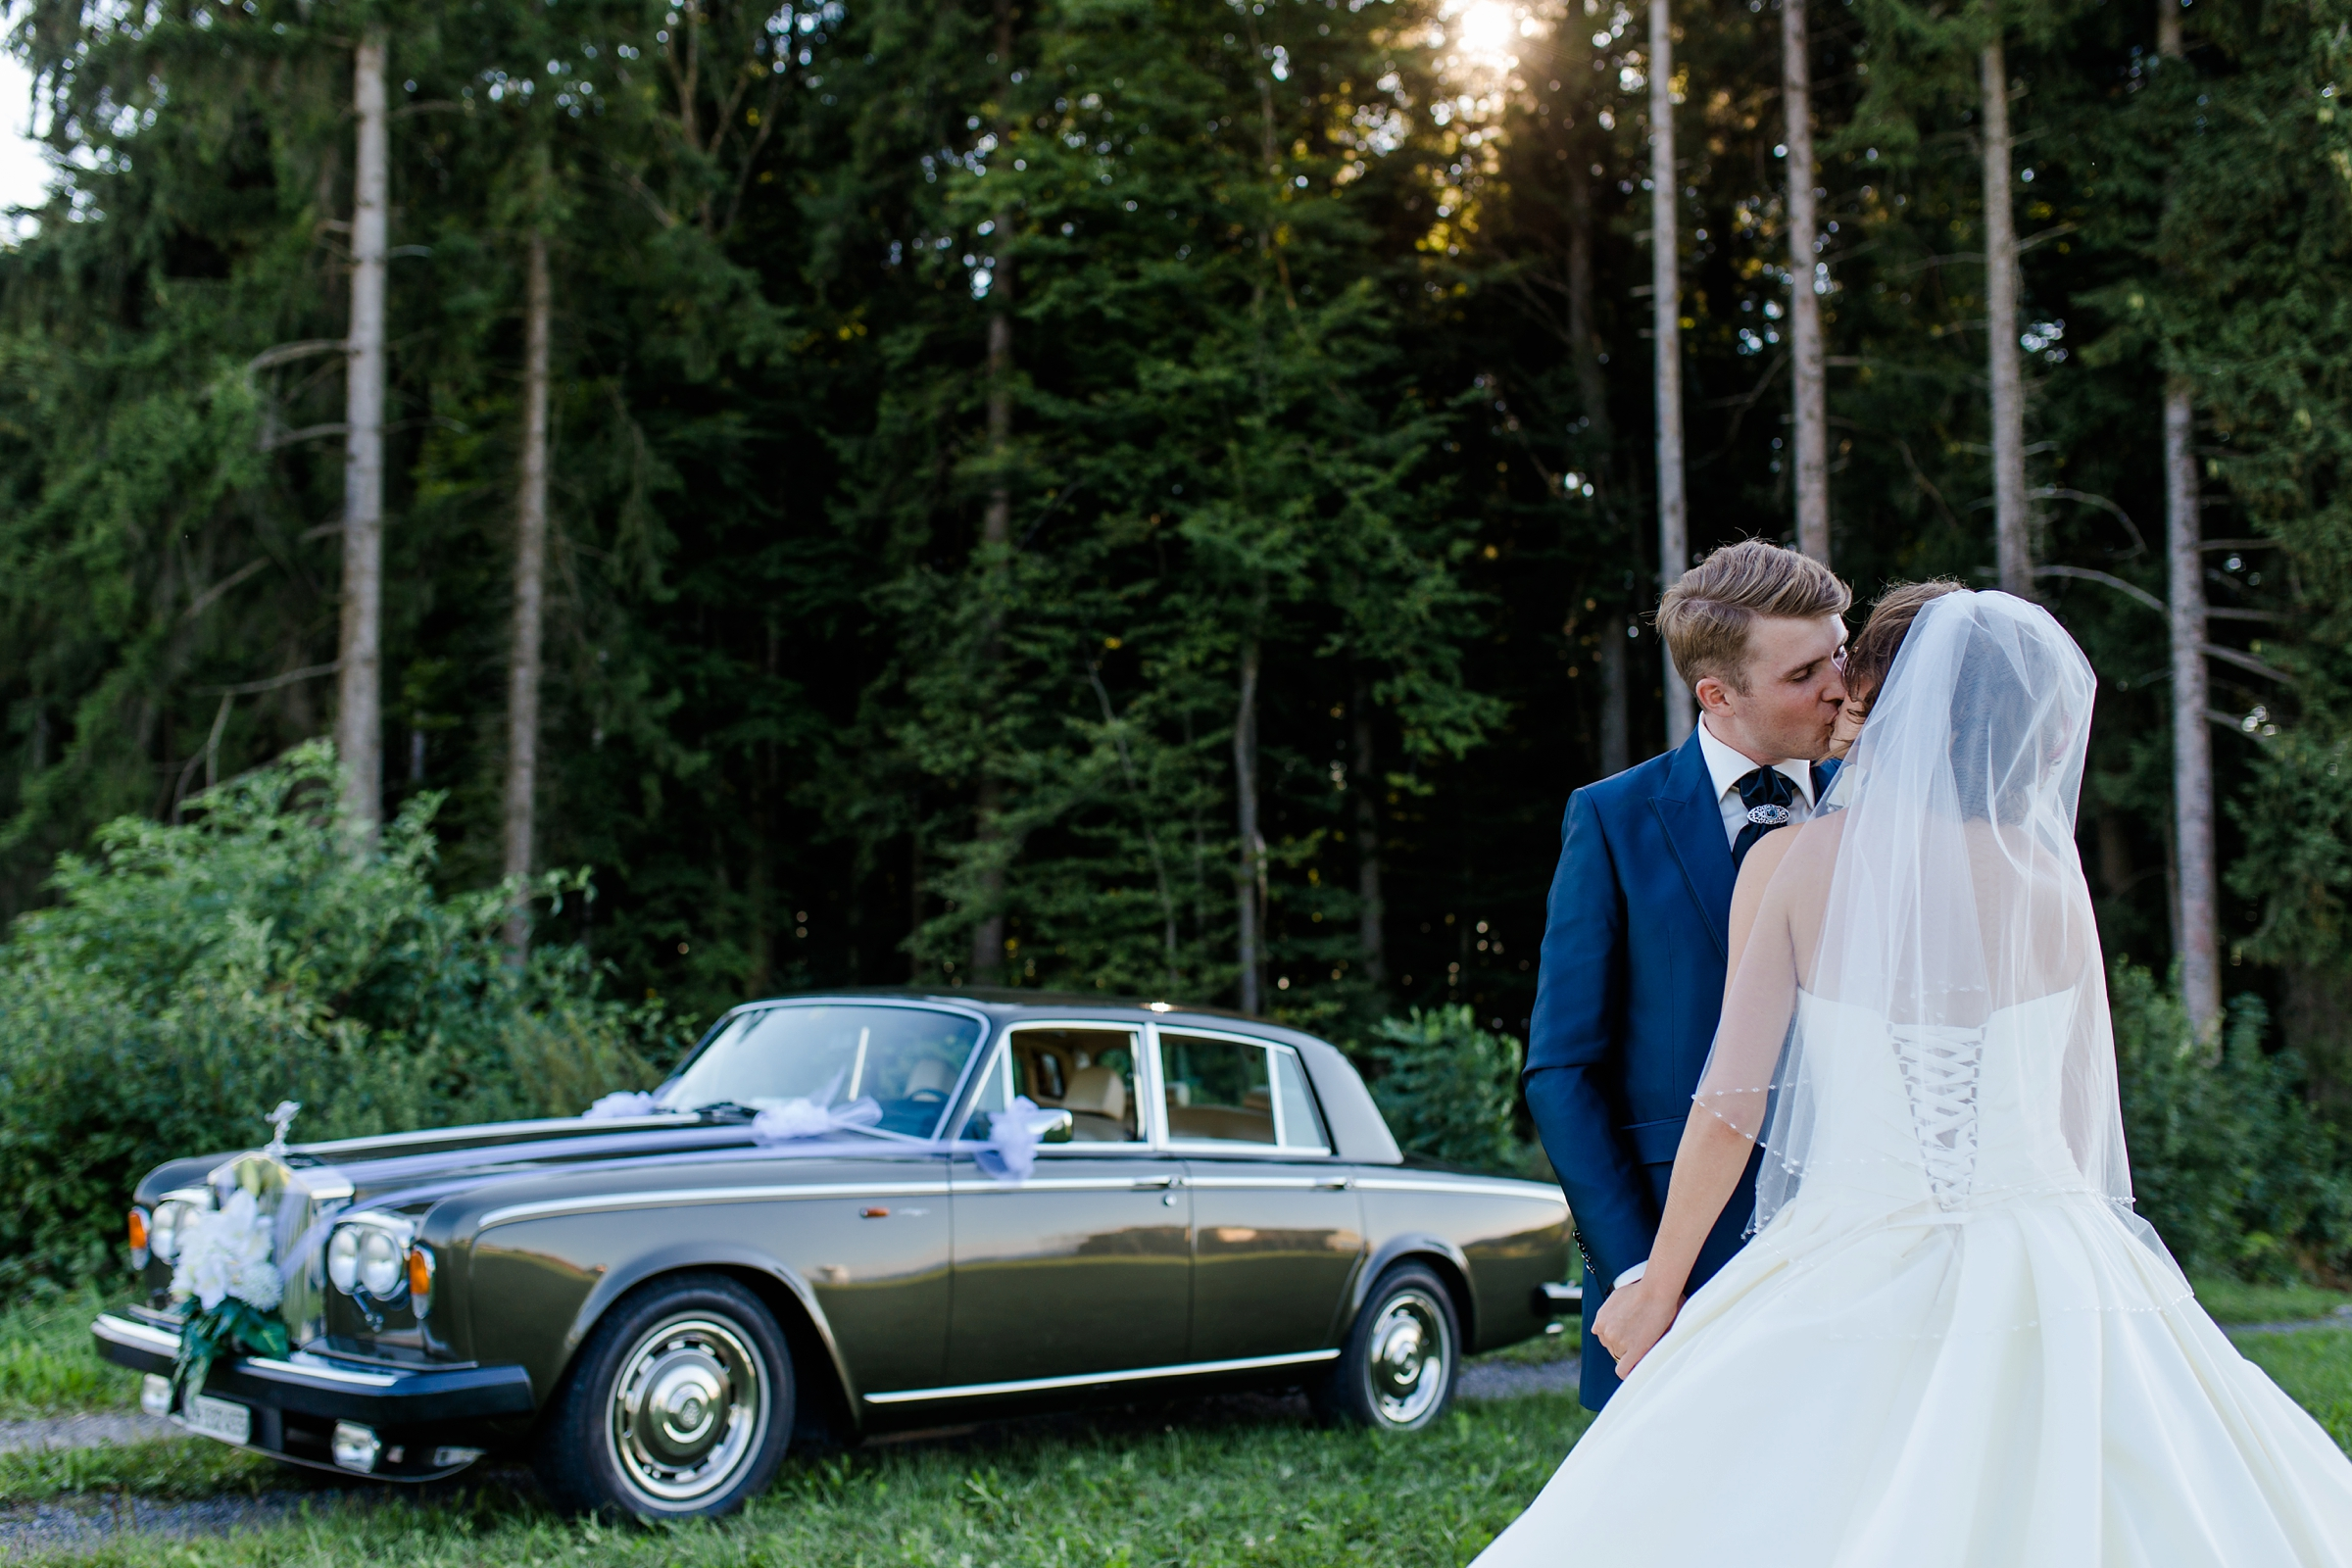 Hochzeitsfotograf Schweiz Zuerich romantisches Brautpaar Rolls-Royce Kuss